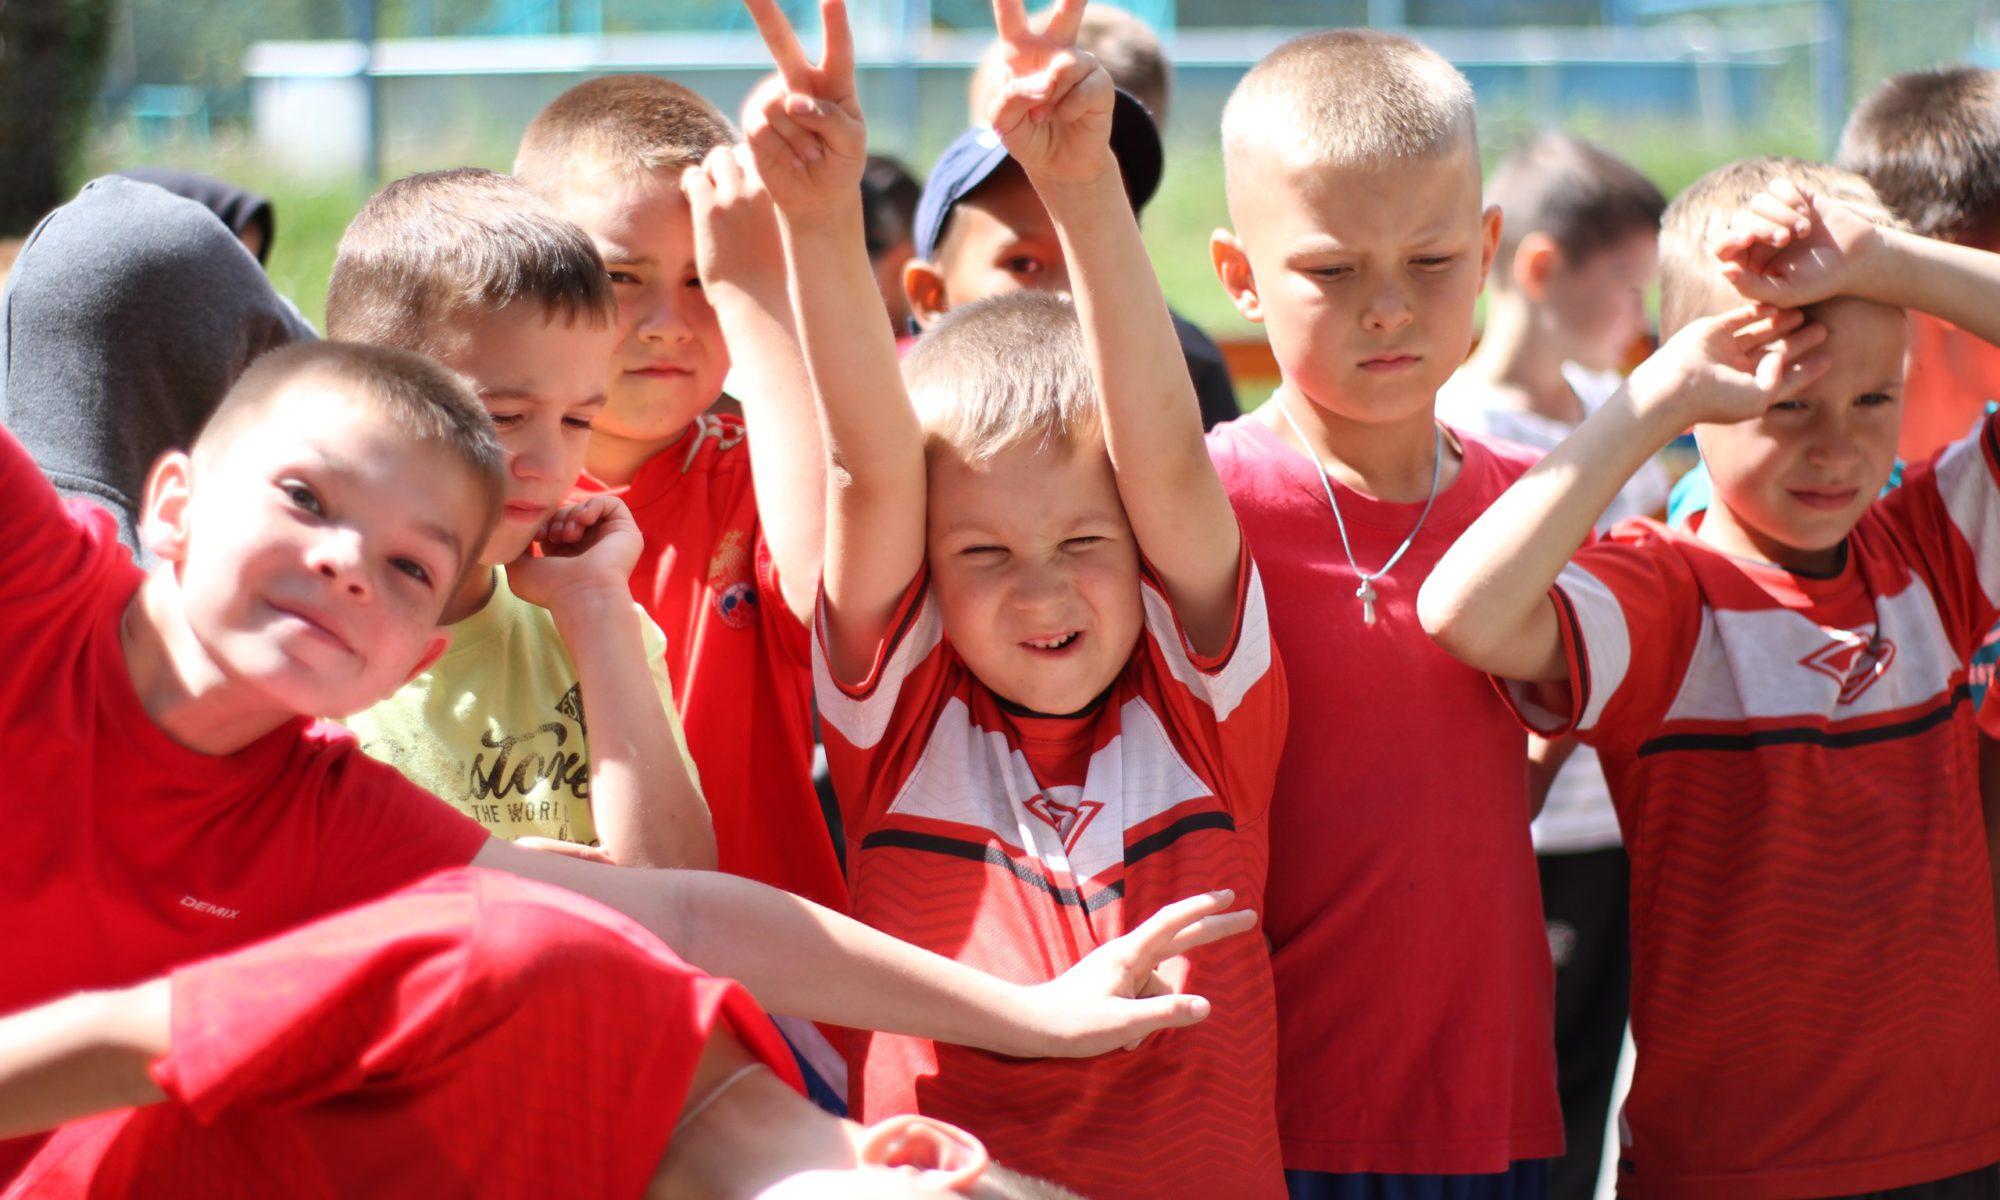 МАОУДО Детский оздоровительно-образовательный центр им. В.Дубинина